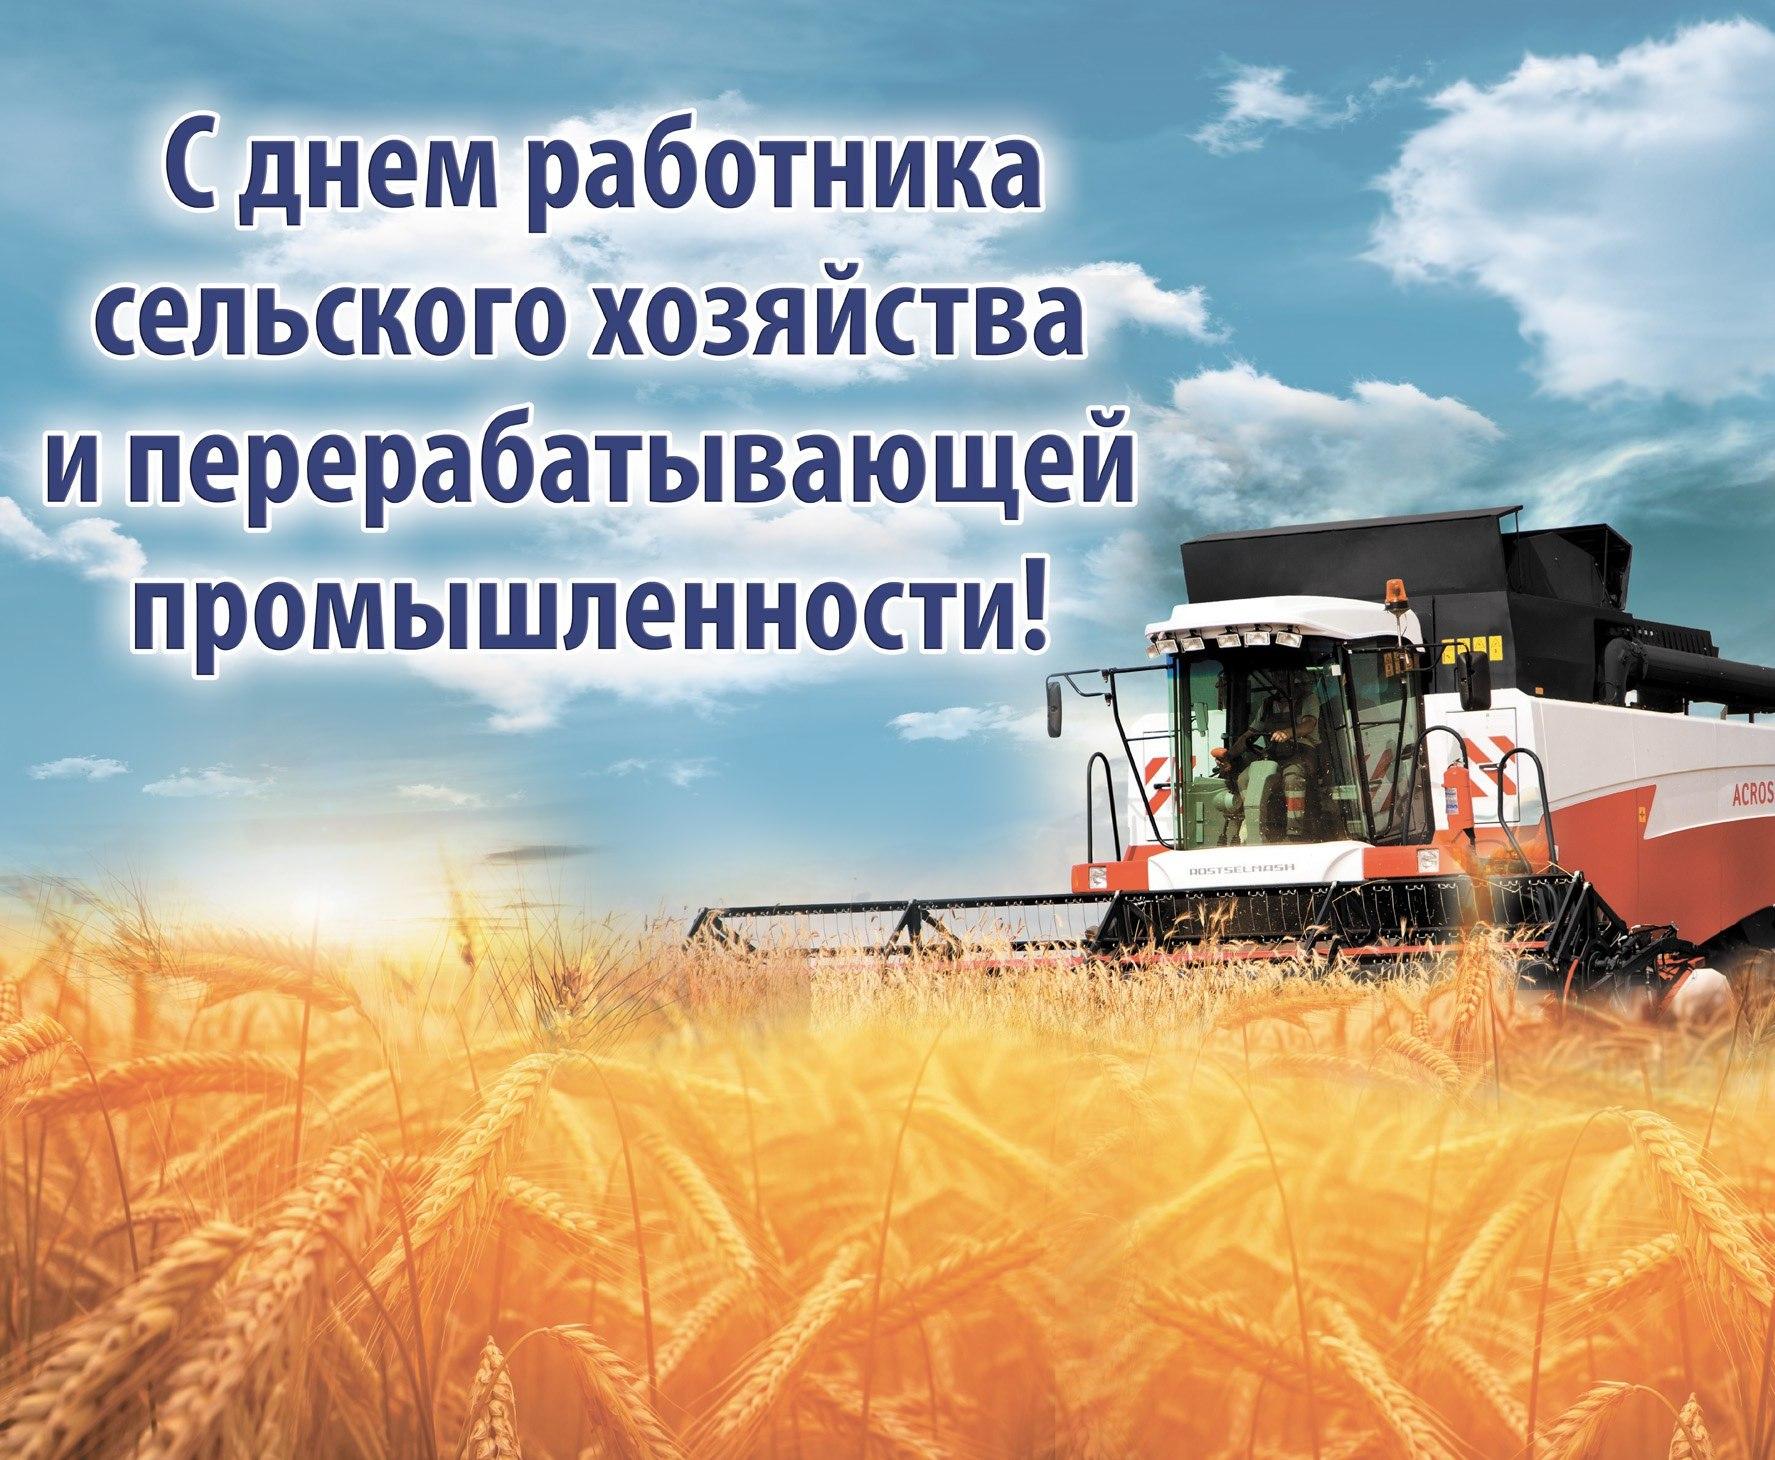 Поздравления с днем фермерского хозяйства